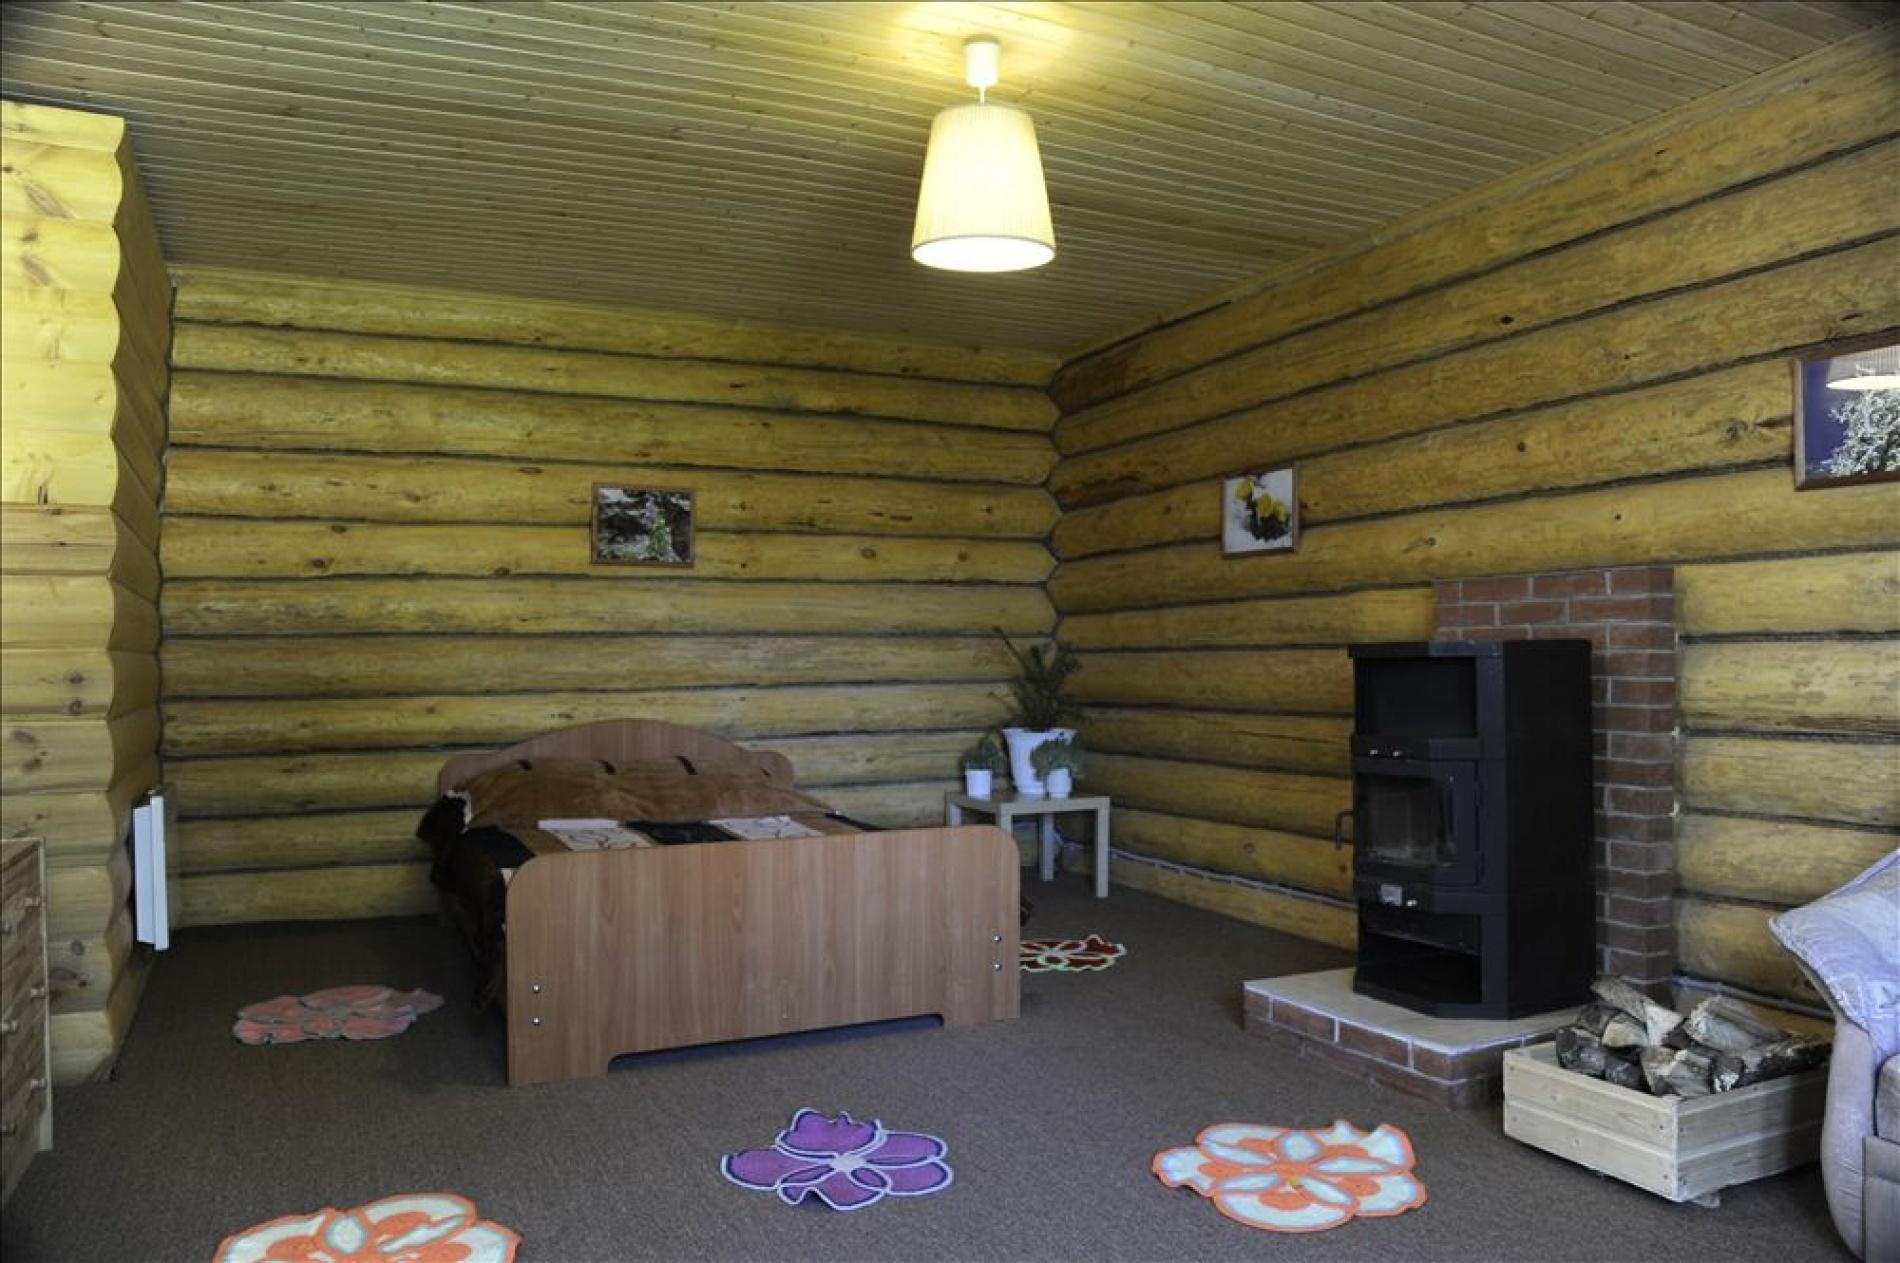 База отдыха «Сказка» Республика Башкортостан 4-местный дом, фото 2